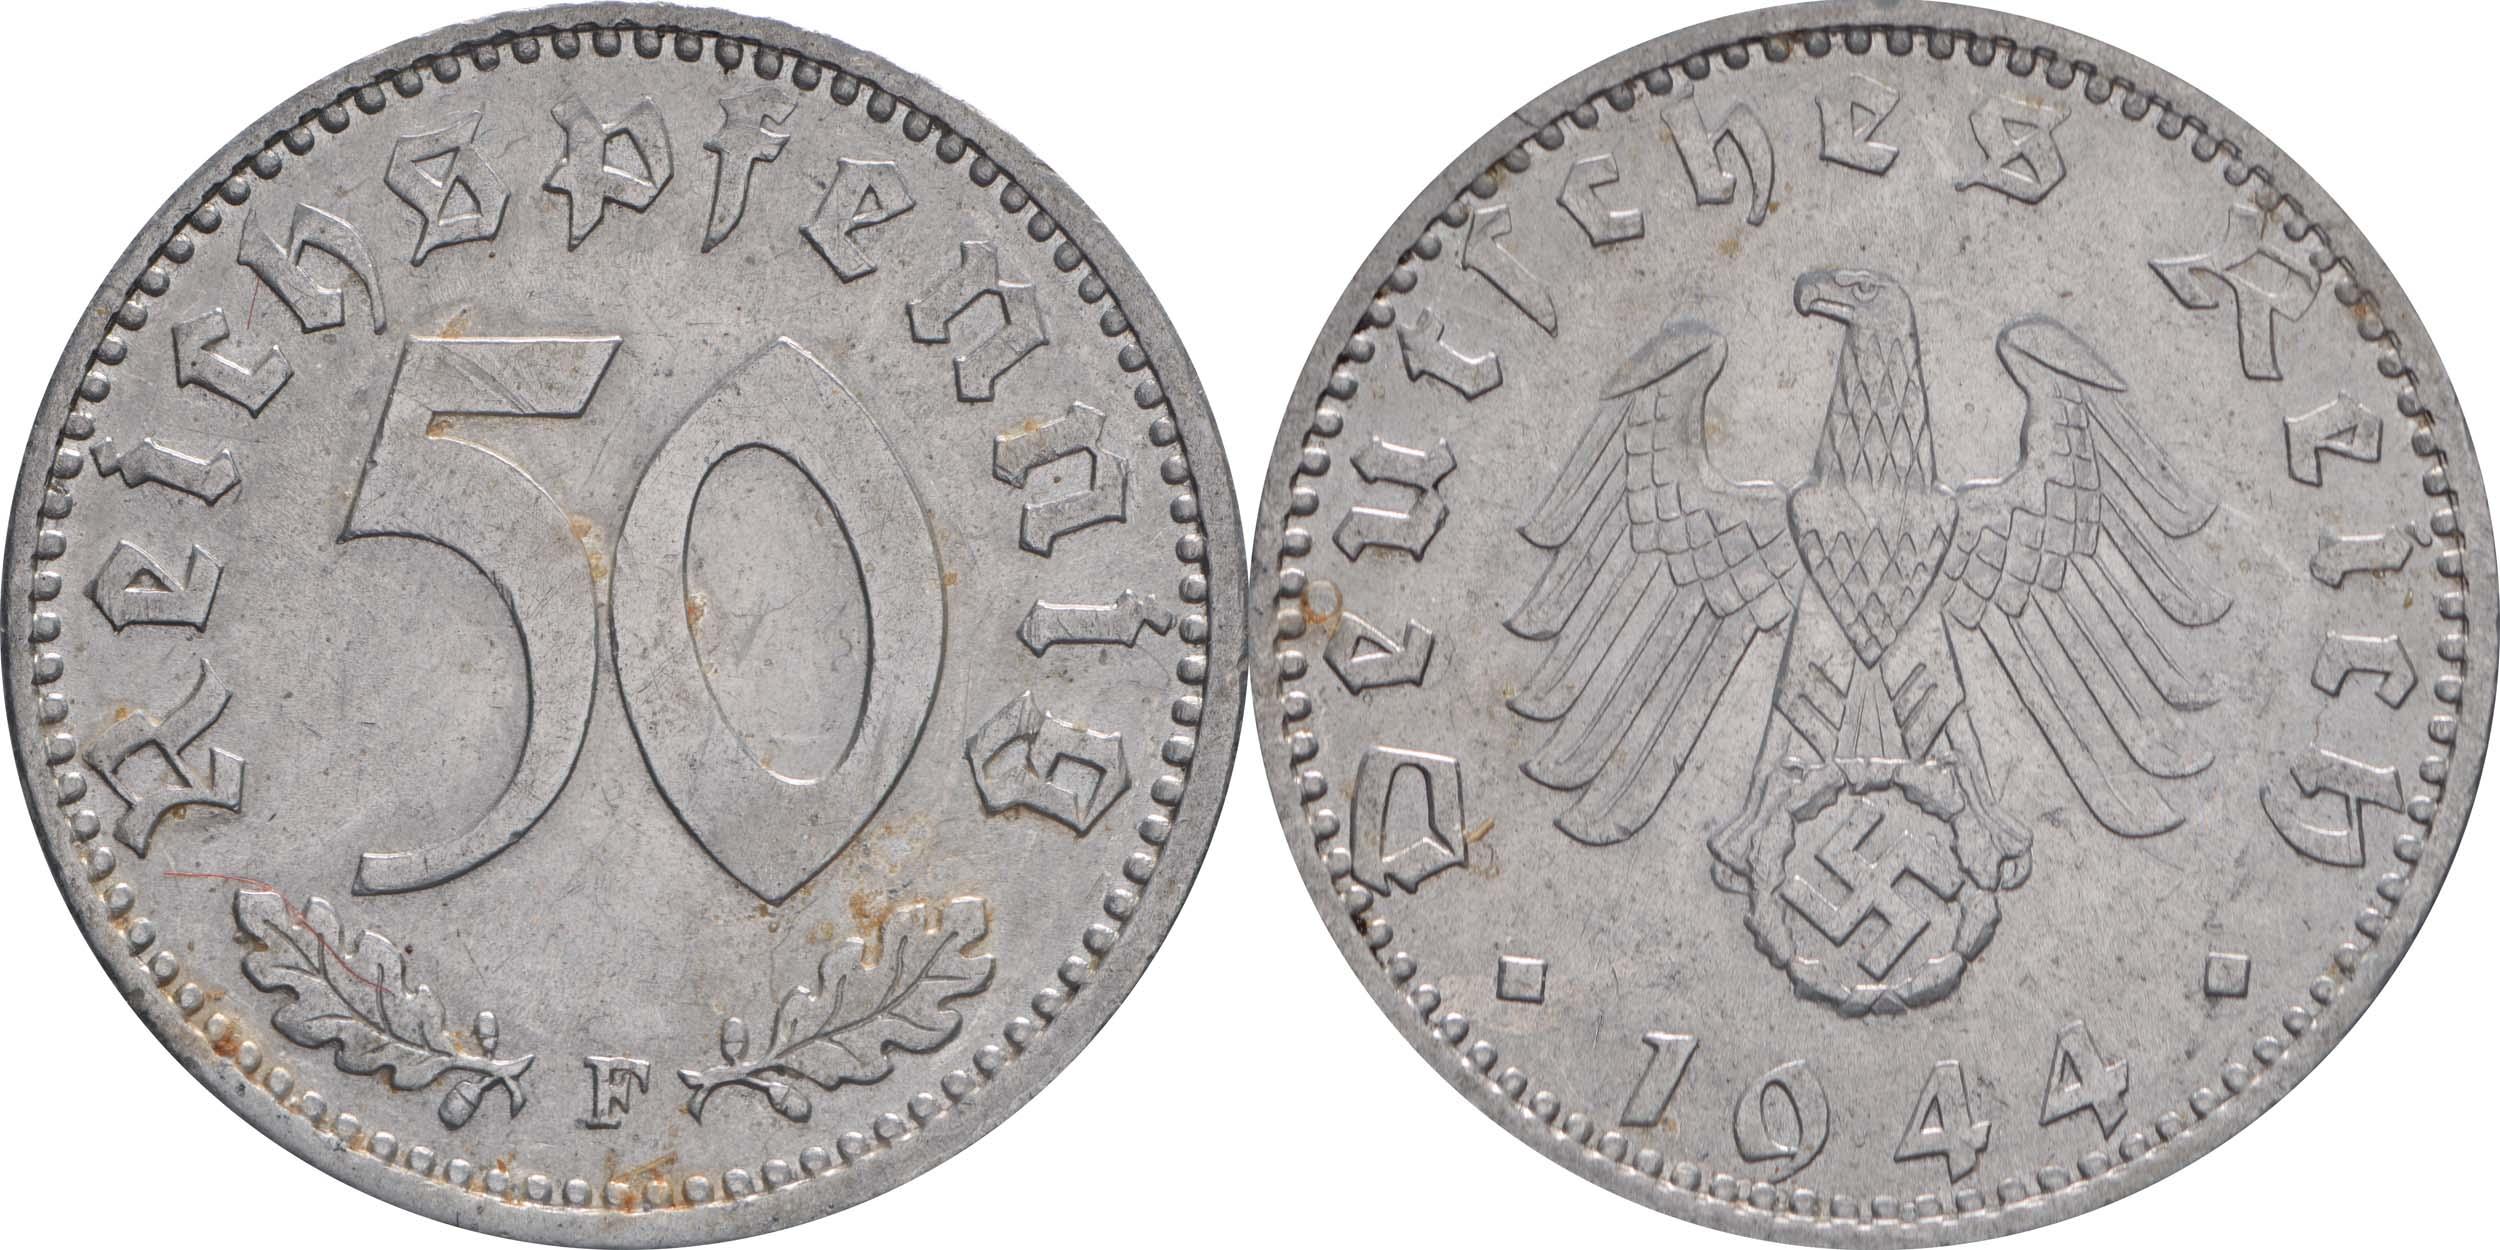 Deutschland : 50 Reichspfennig Kursmünze  1944 vz.